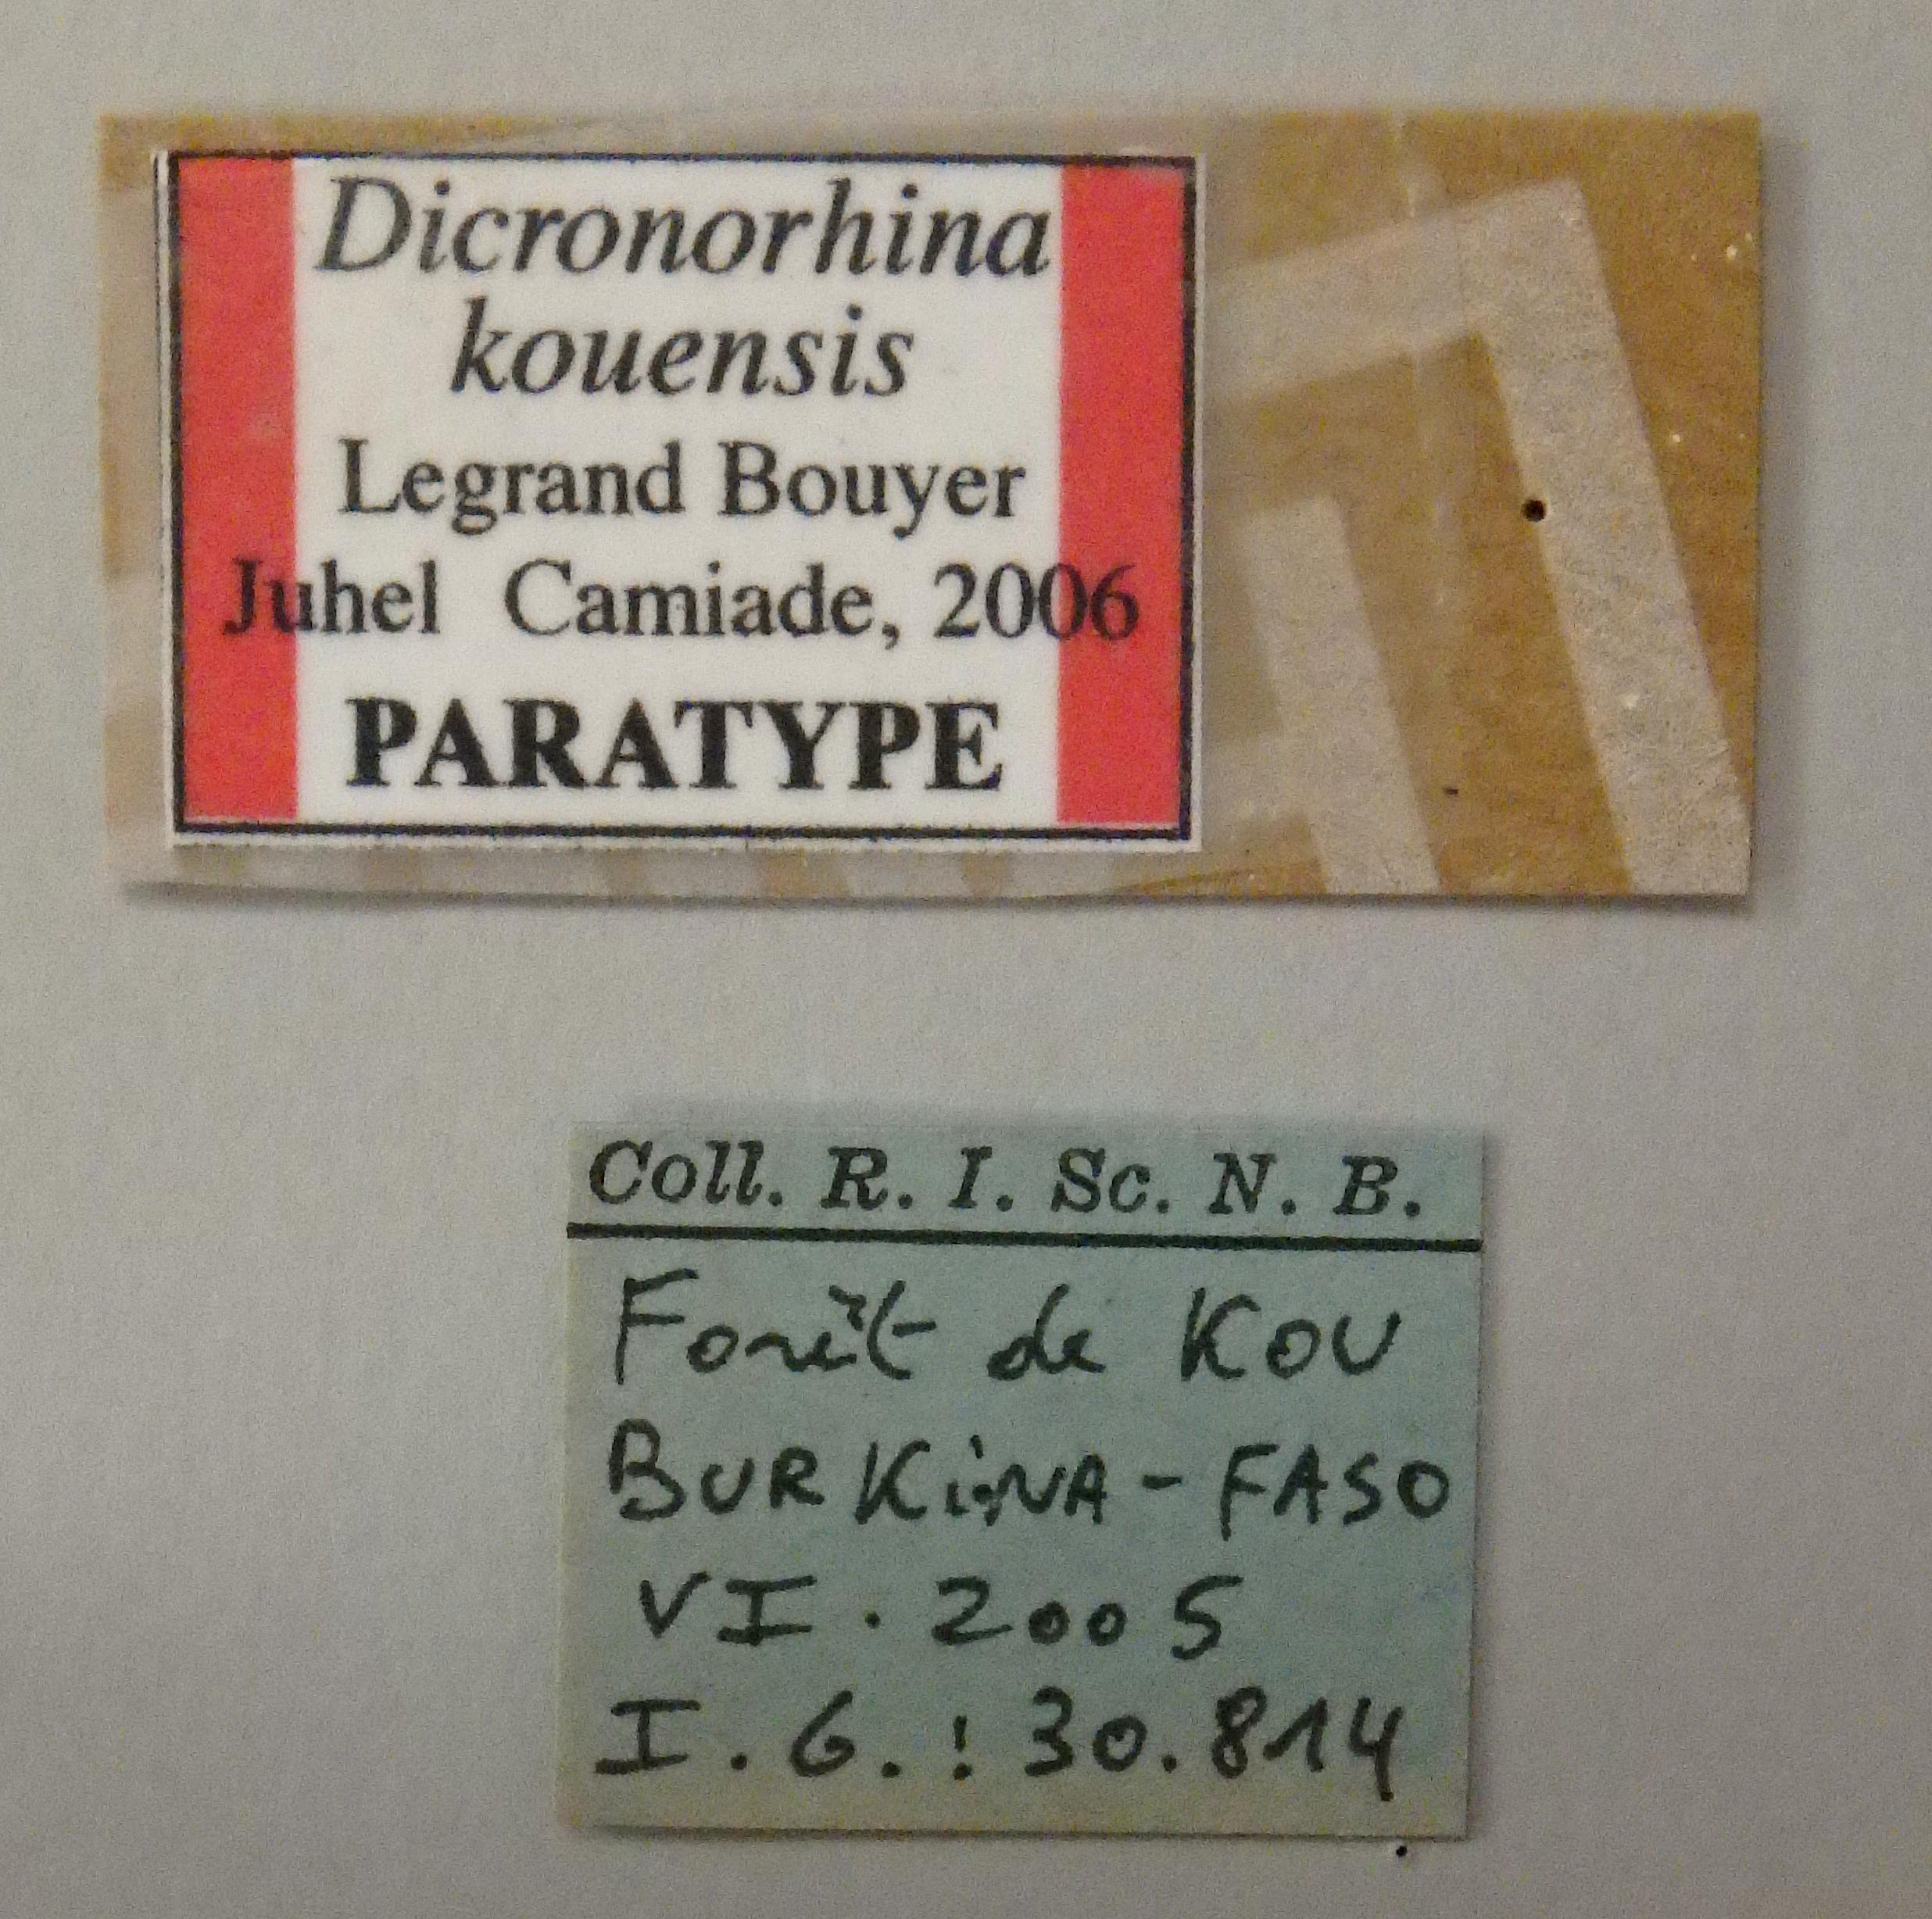 Dicronorhina kouensis pt Lb.JPG